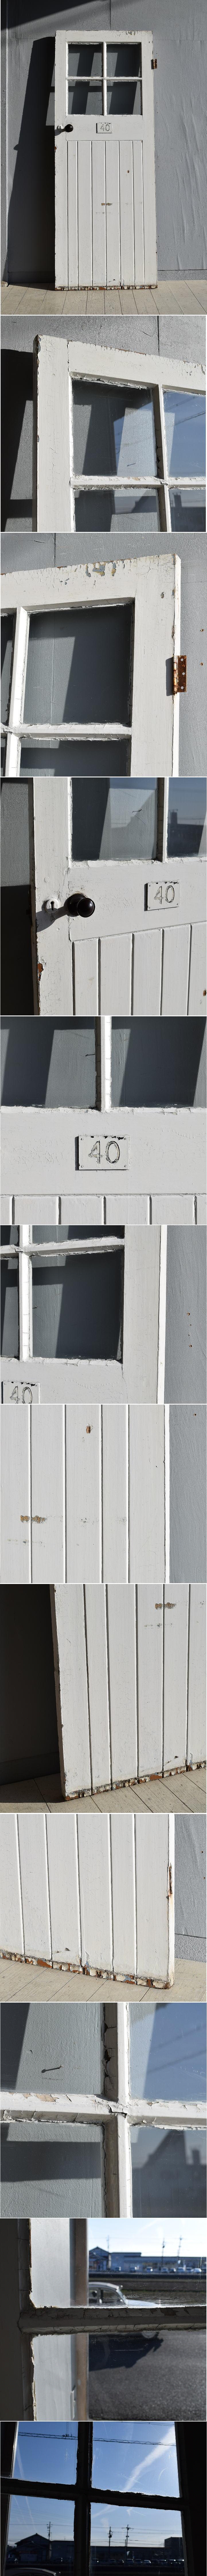 イギリス アンティーク ガラス ドア 扉 ディスプレイ 建具 7885